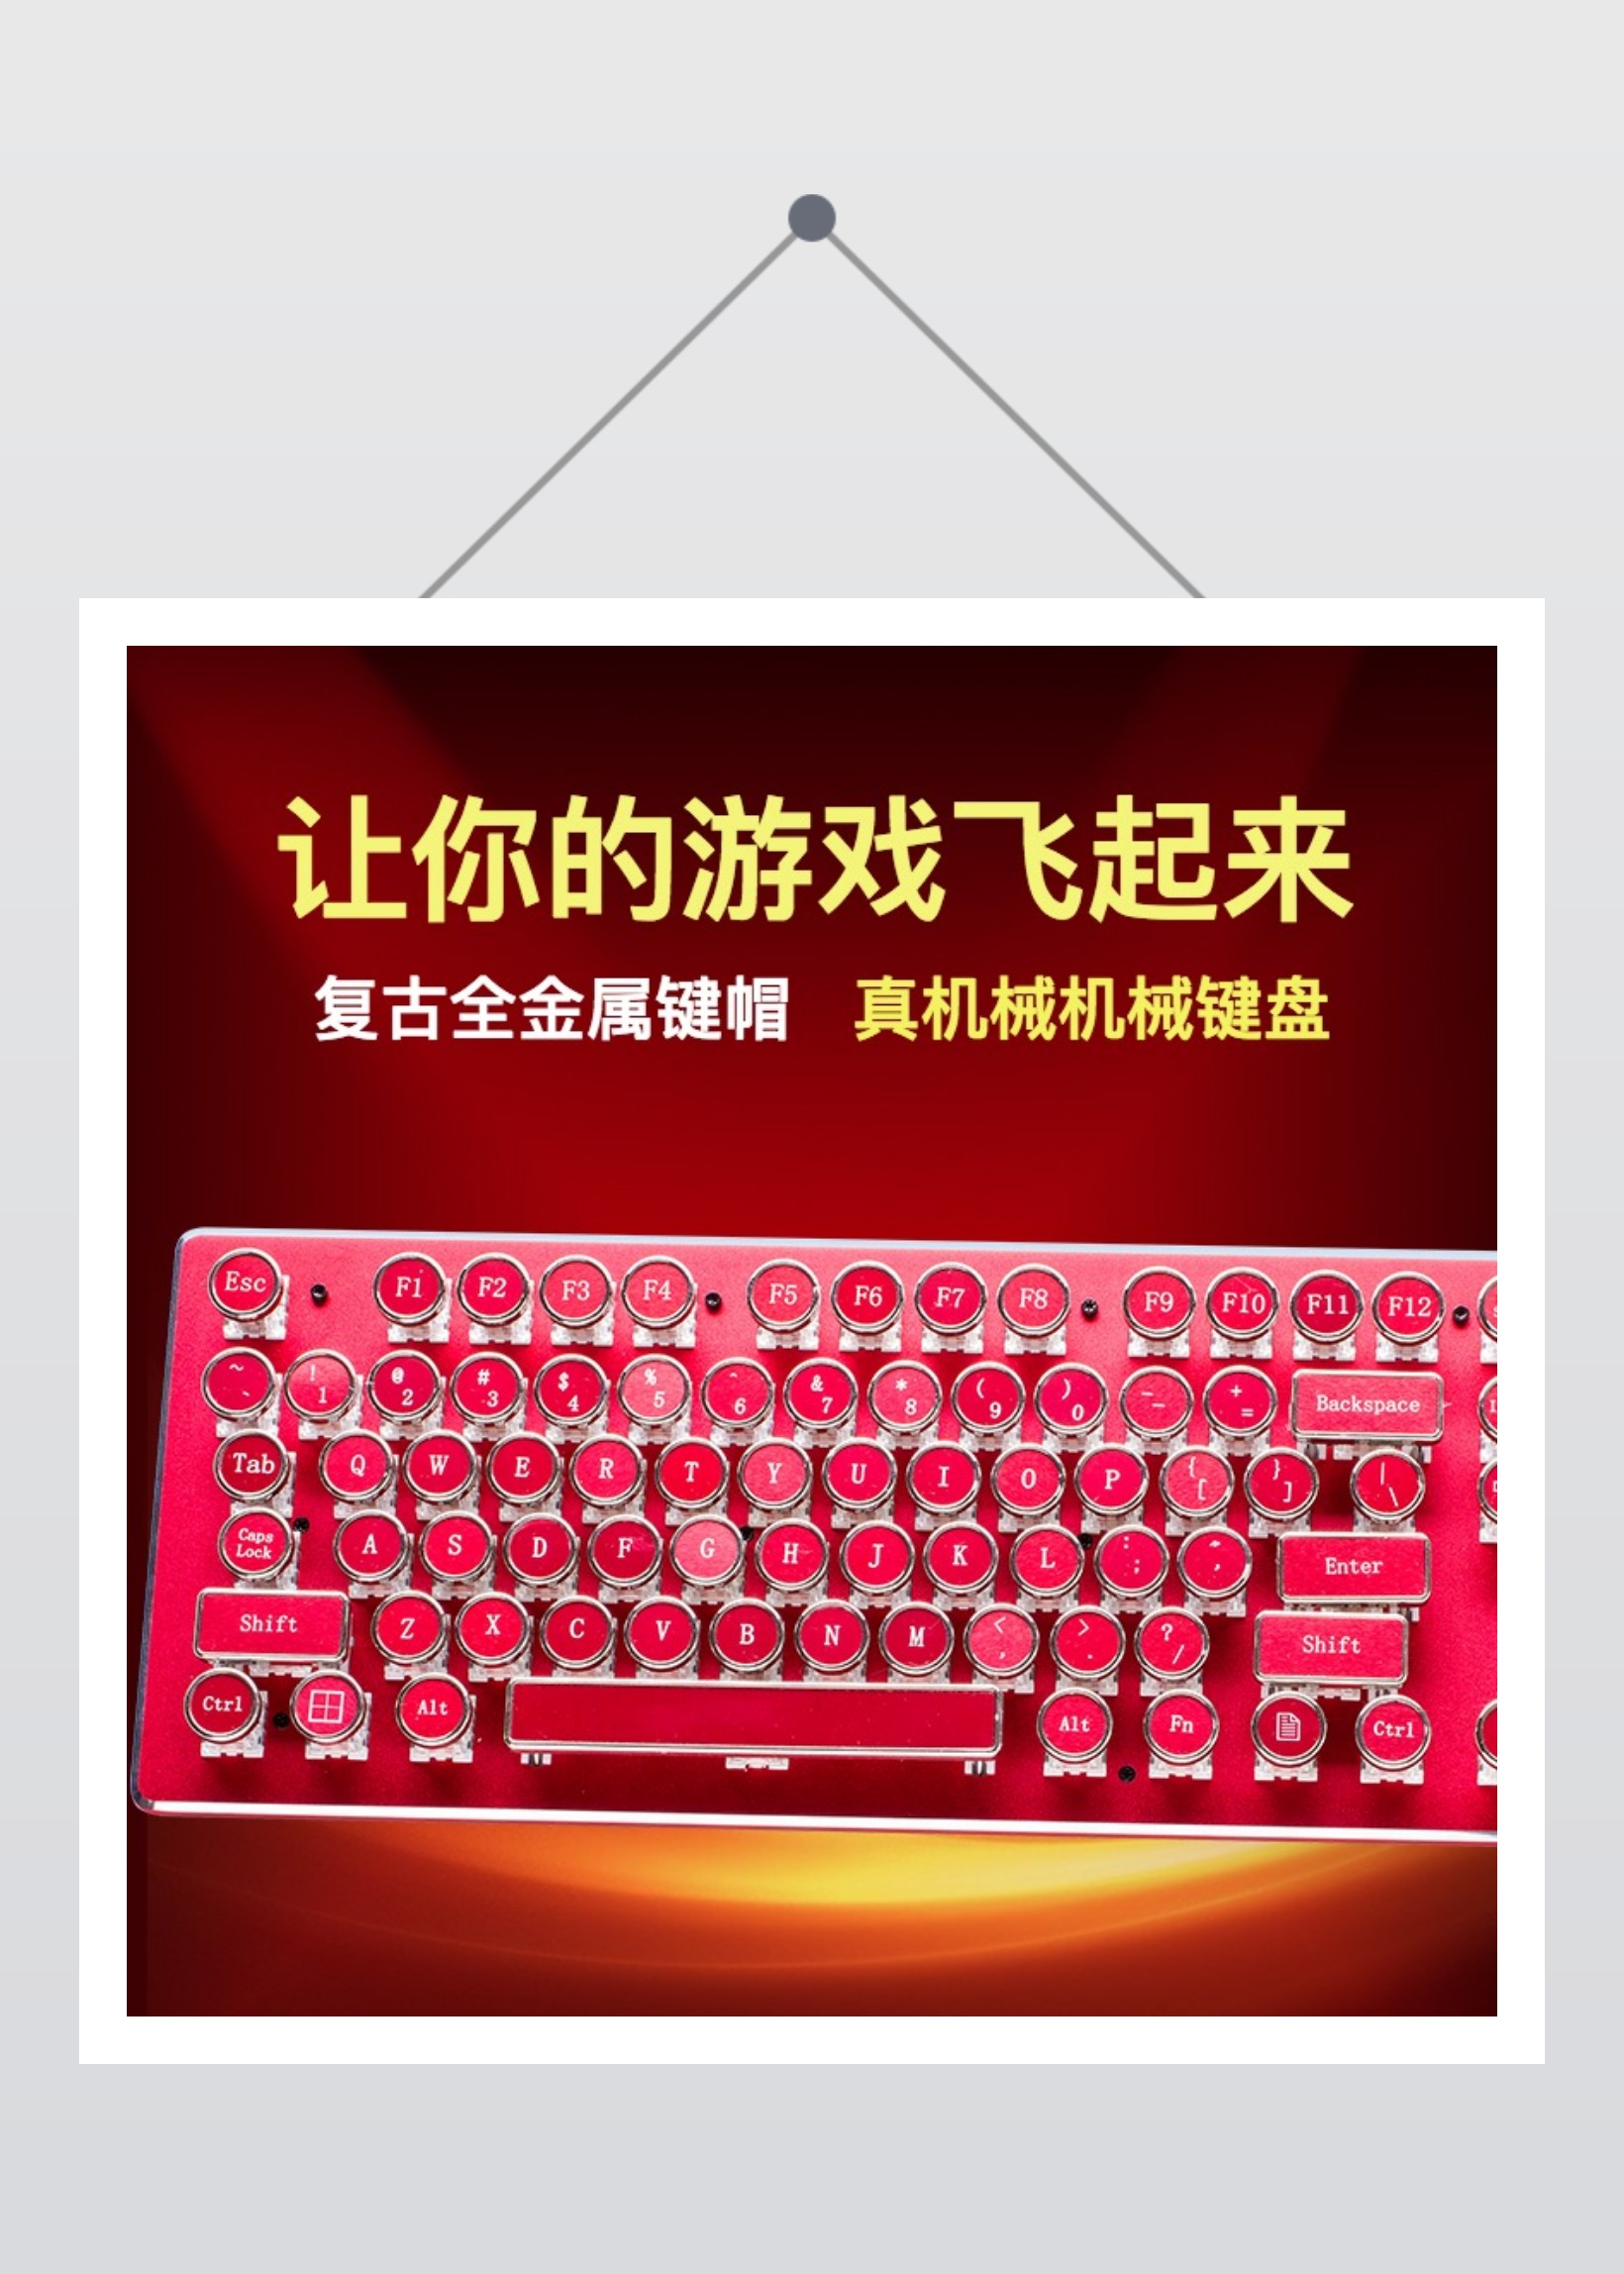 时尚炫酷机械键盘电商主图